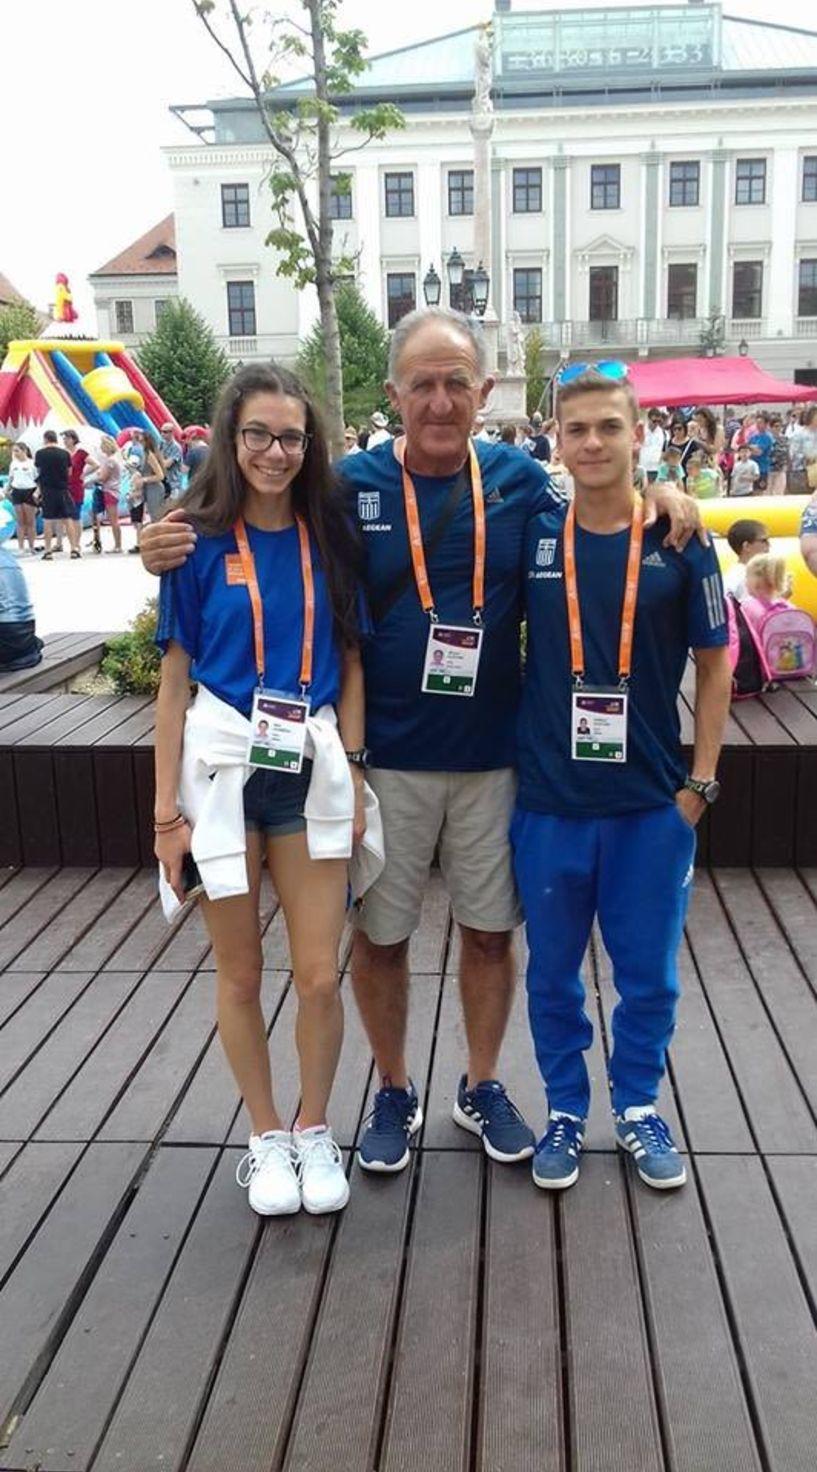 Στην Ολυμπιάδα Νέων στην Αργεντινή προκρίθηκαν Κελεπούρης και Ιωαννίδου